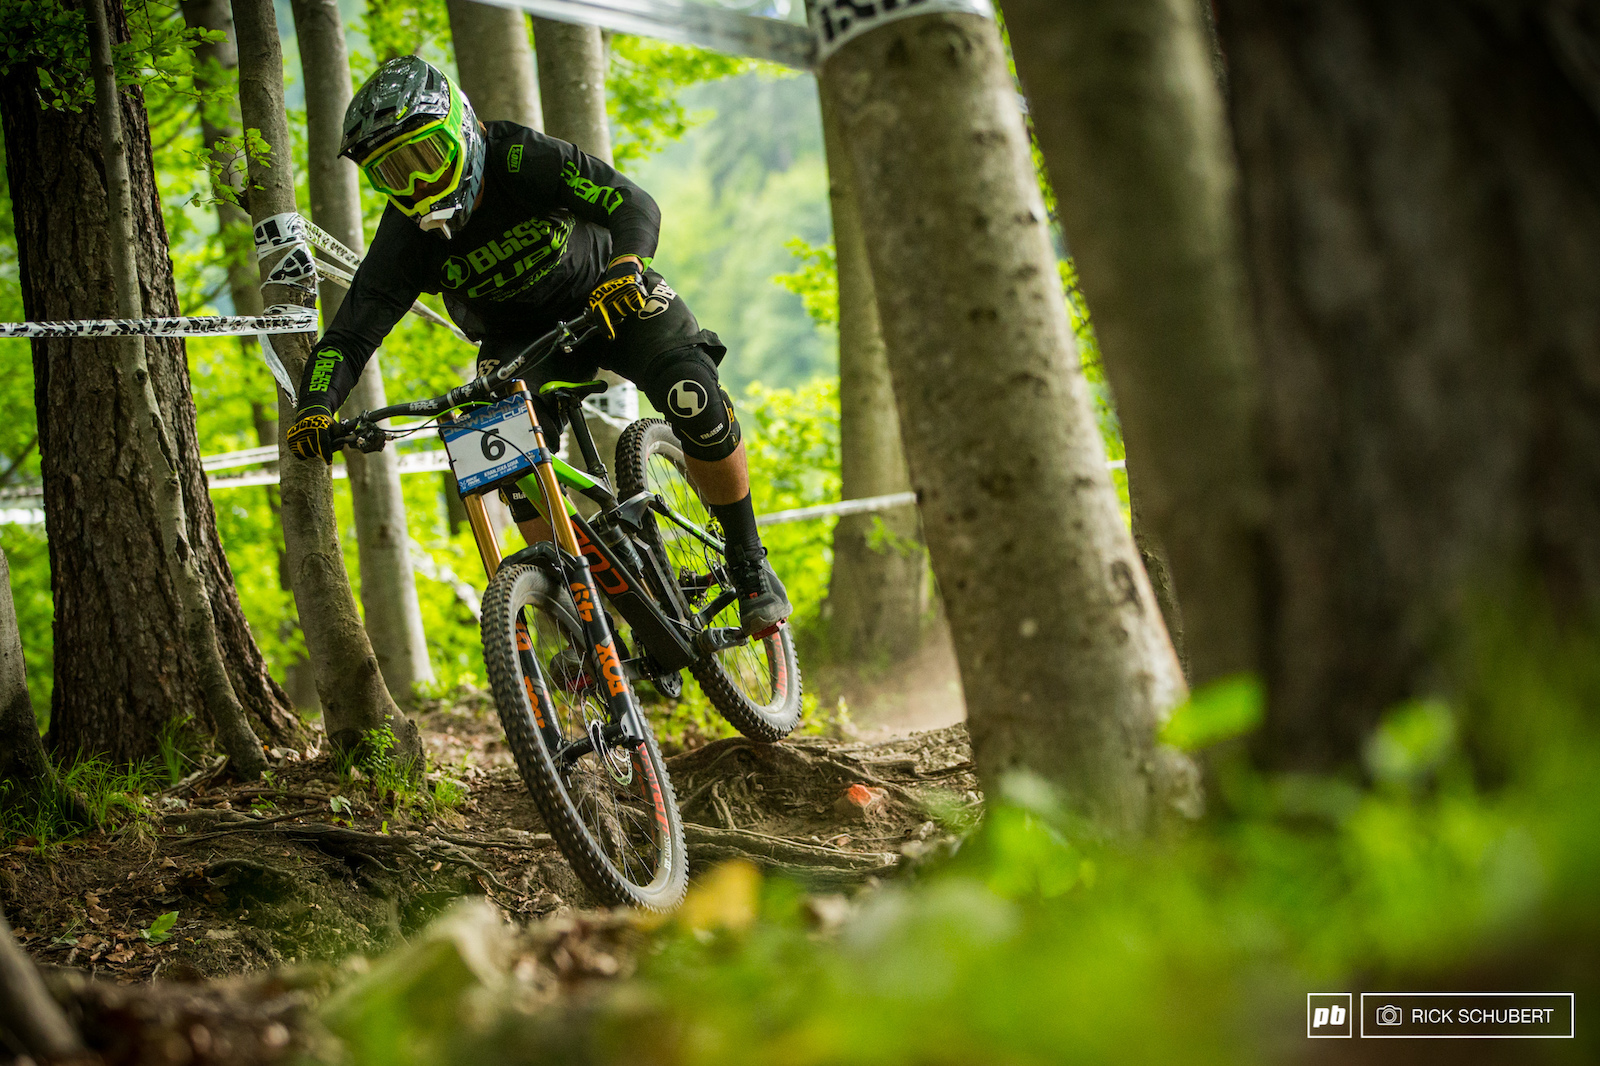 Matt Walker seemed to be taking things easy in Kranjska Gora finishing in 7th